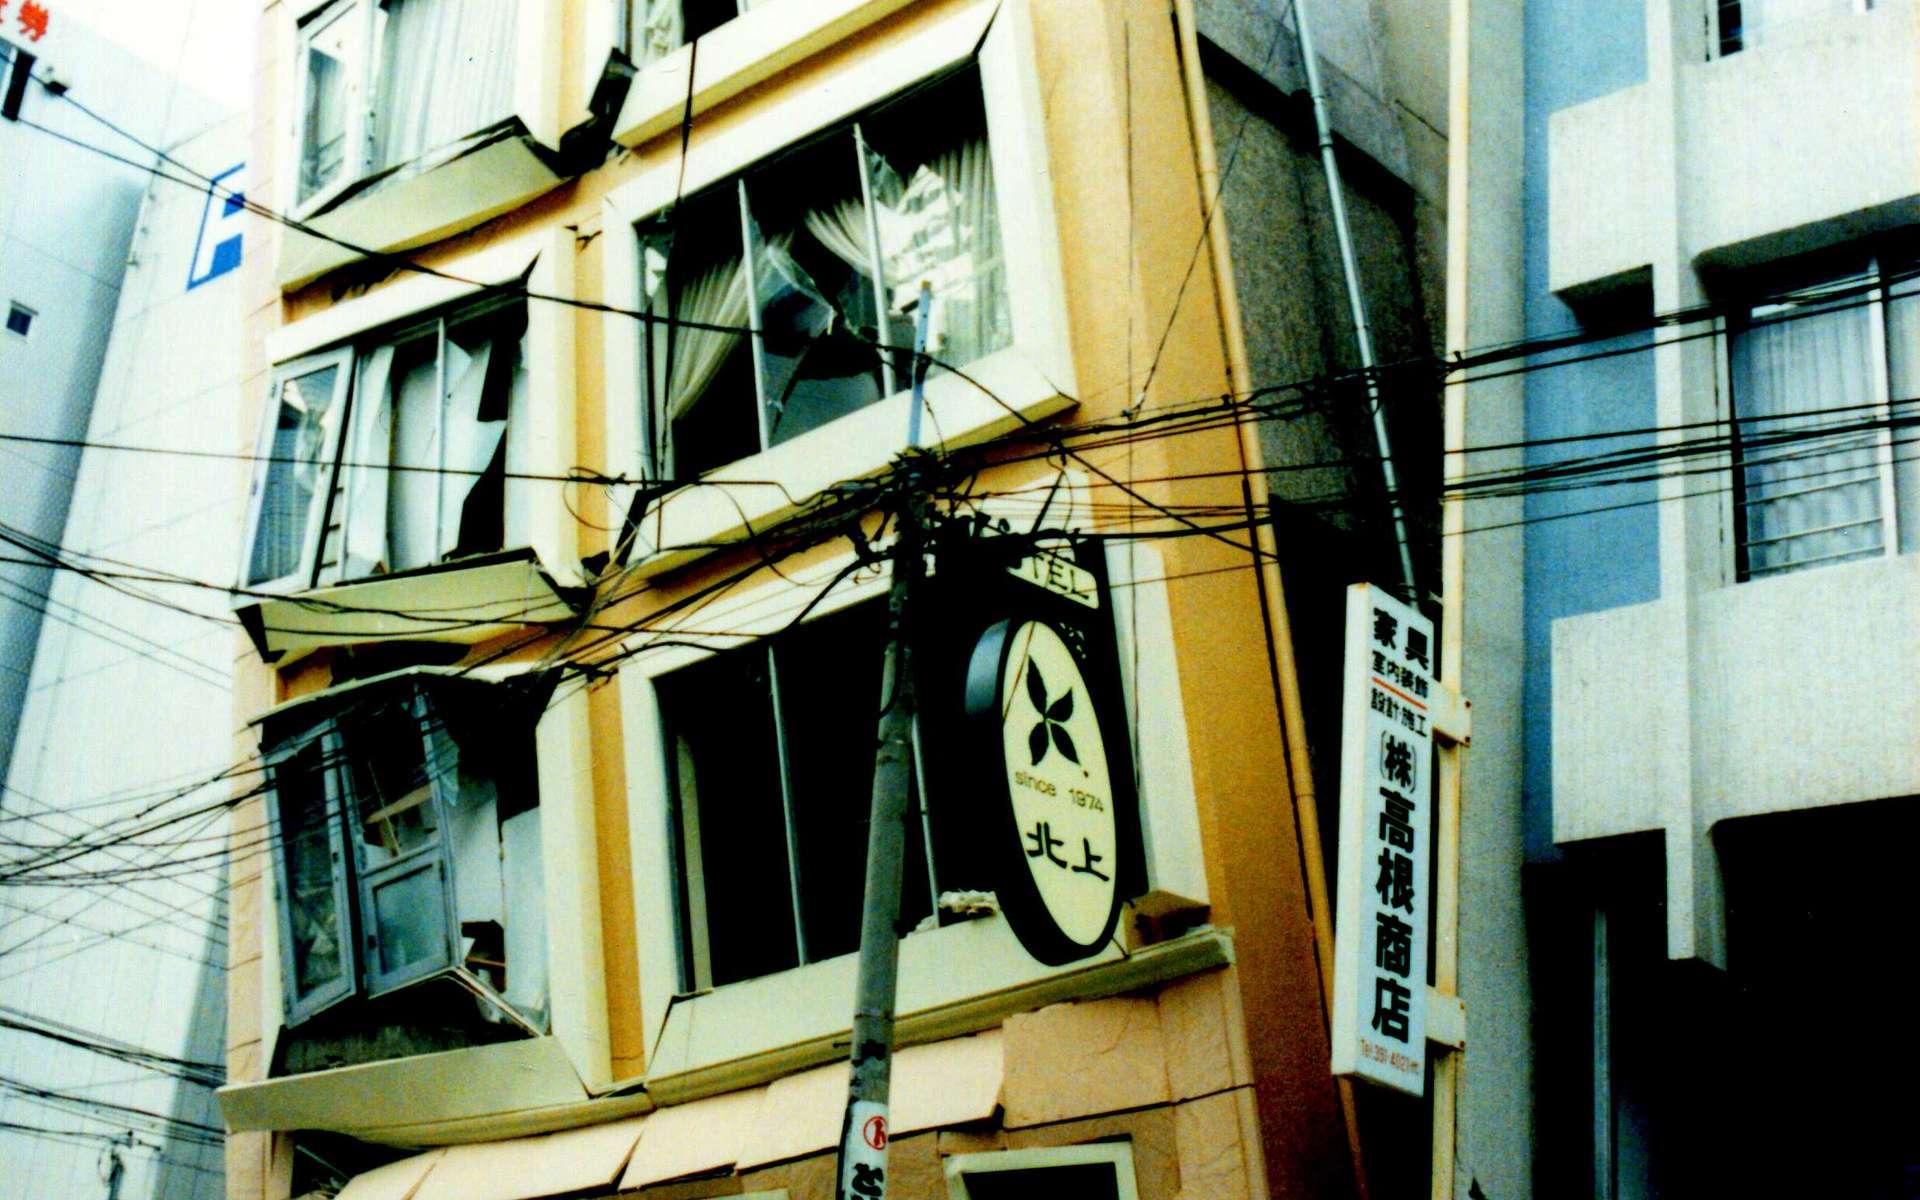 Le développement de nouveaux modèles de prévision des séismes pourrait un jour sauver la vie à des milliers de personnes. En 1995, le tremblement de terre de Kobé avait fait 6.437 morts. © Akiyoshi's Room, Wikimedia common, DP